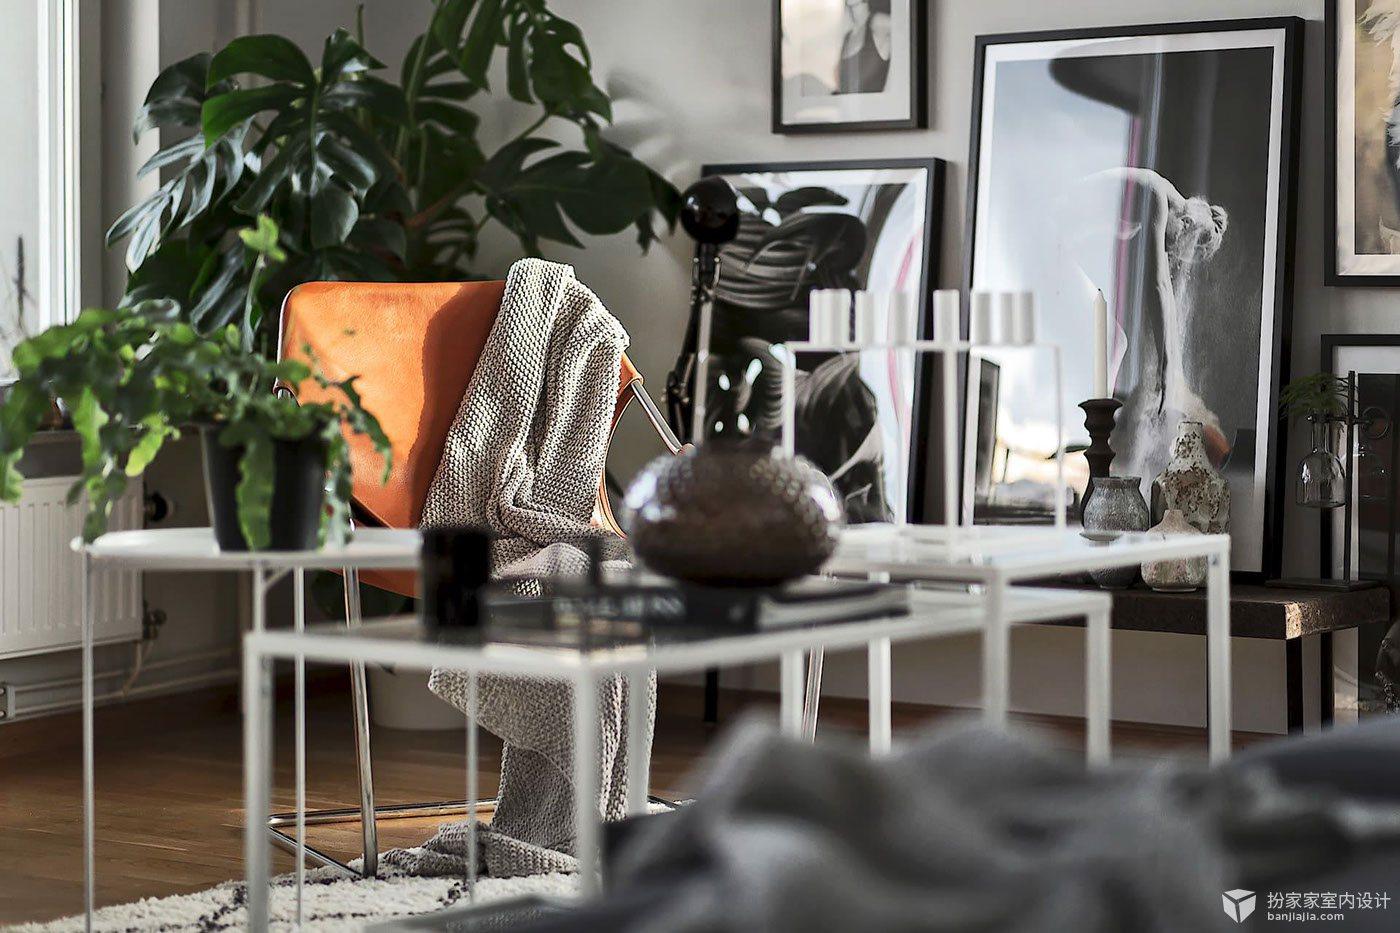 芽庄:绿植与北欧风情 - 扮家家室内设计网